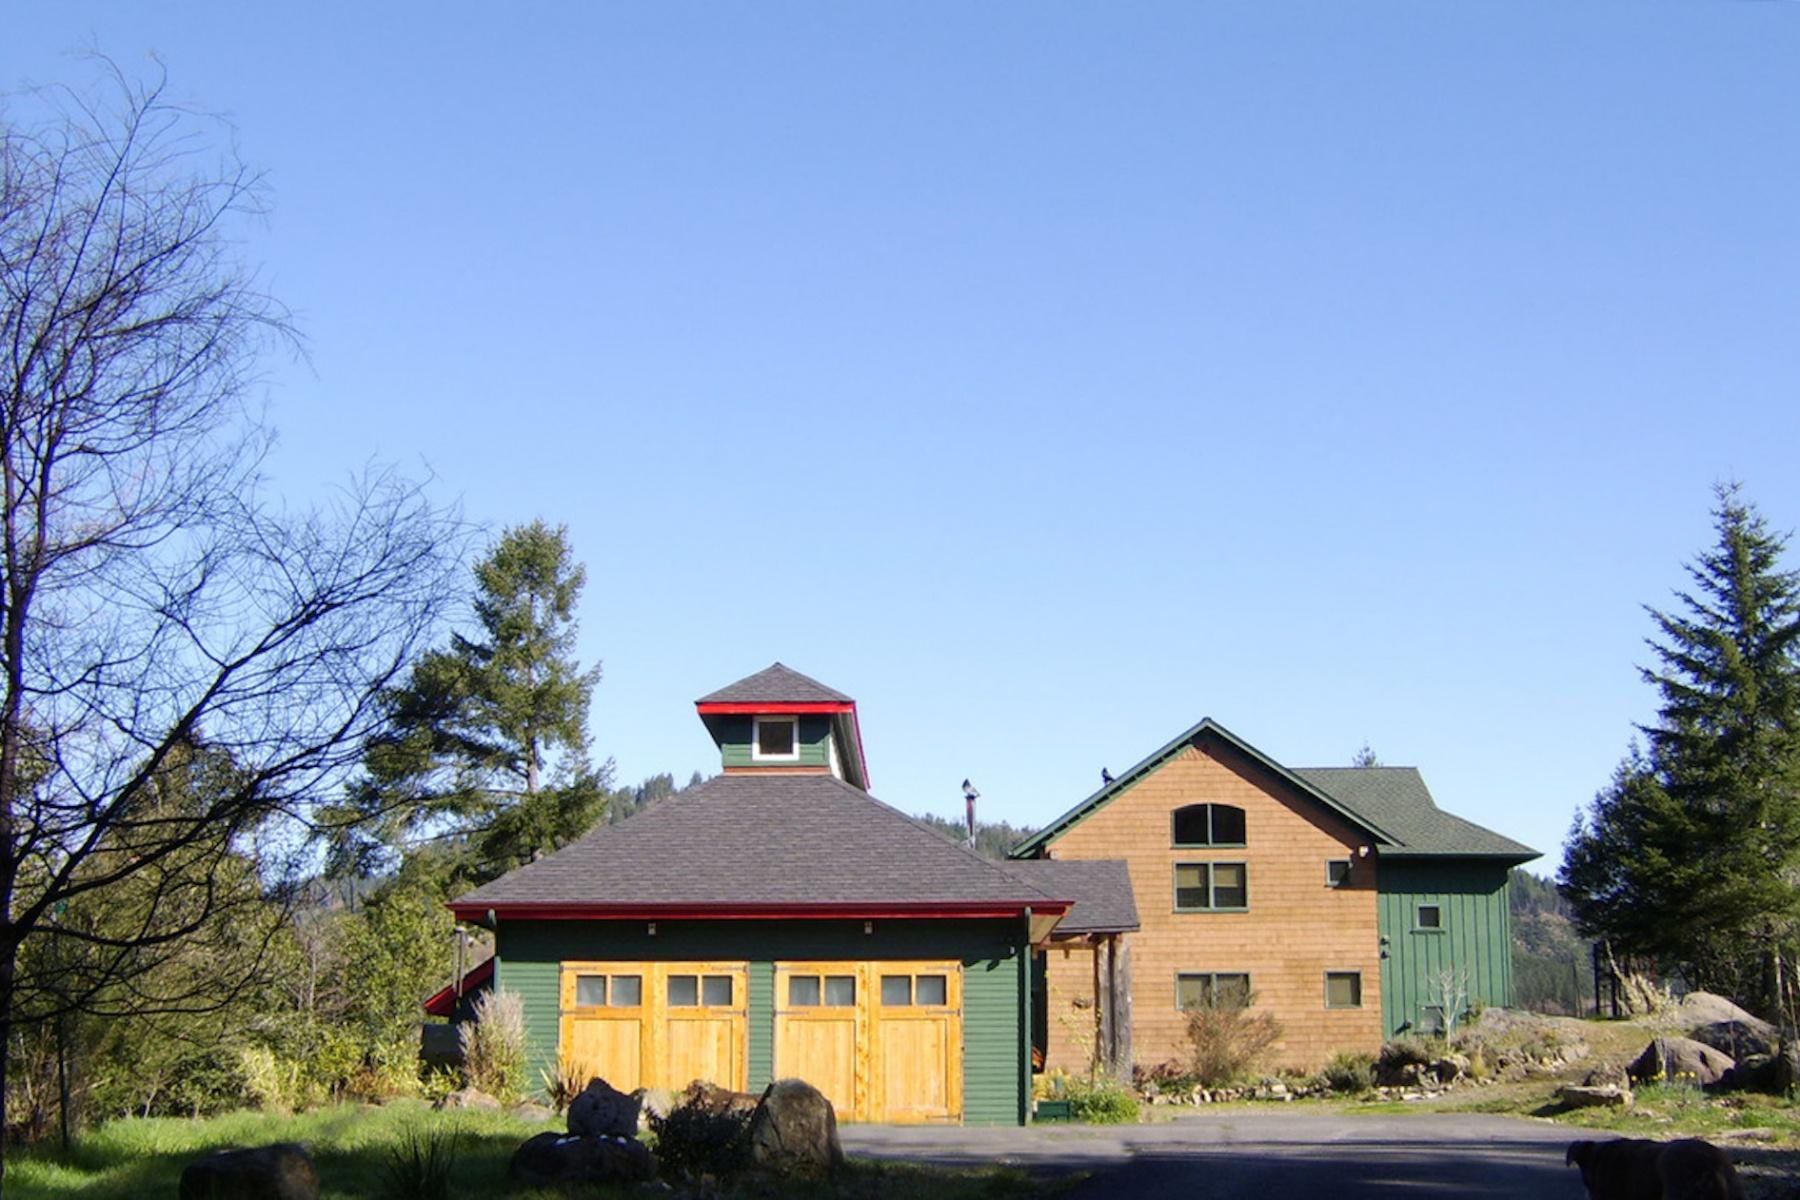 独户住宅 为 销售 在 16755 SALMONBERRY RD, BROOKINGS 布鲁金斯, 俄勒冈州 97415 美国